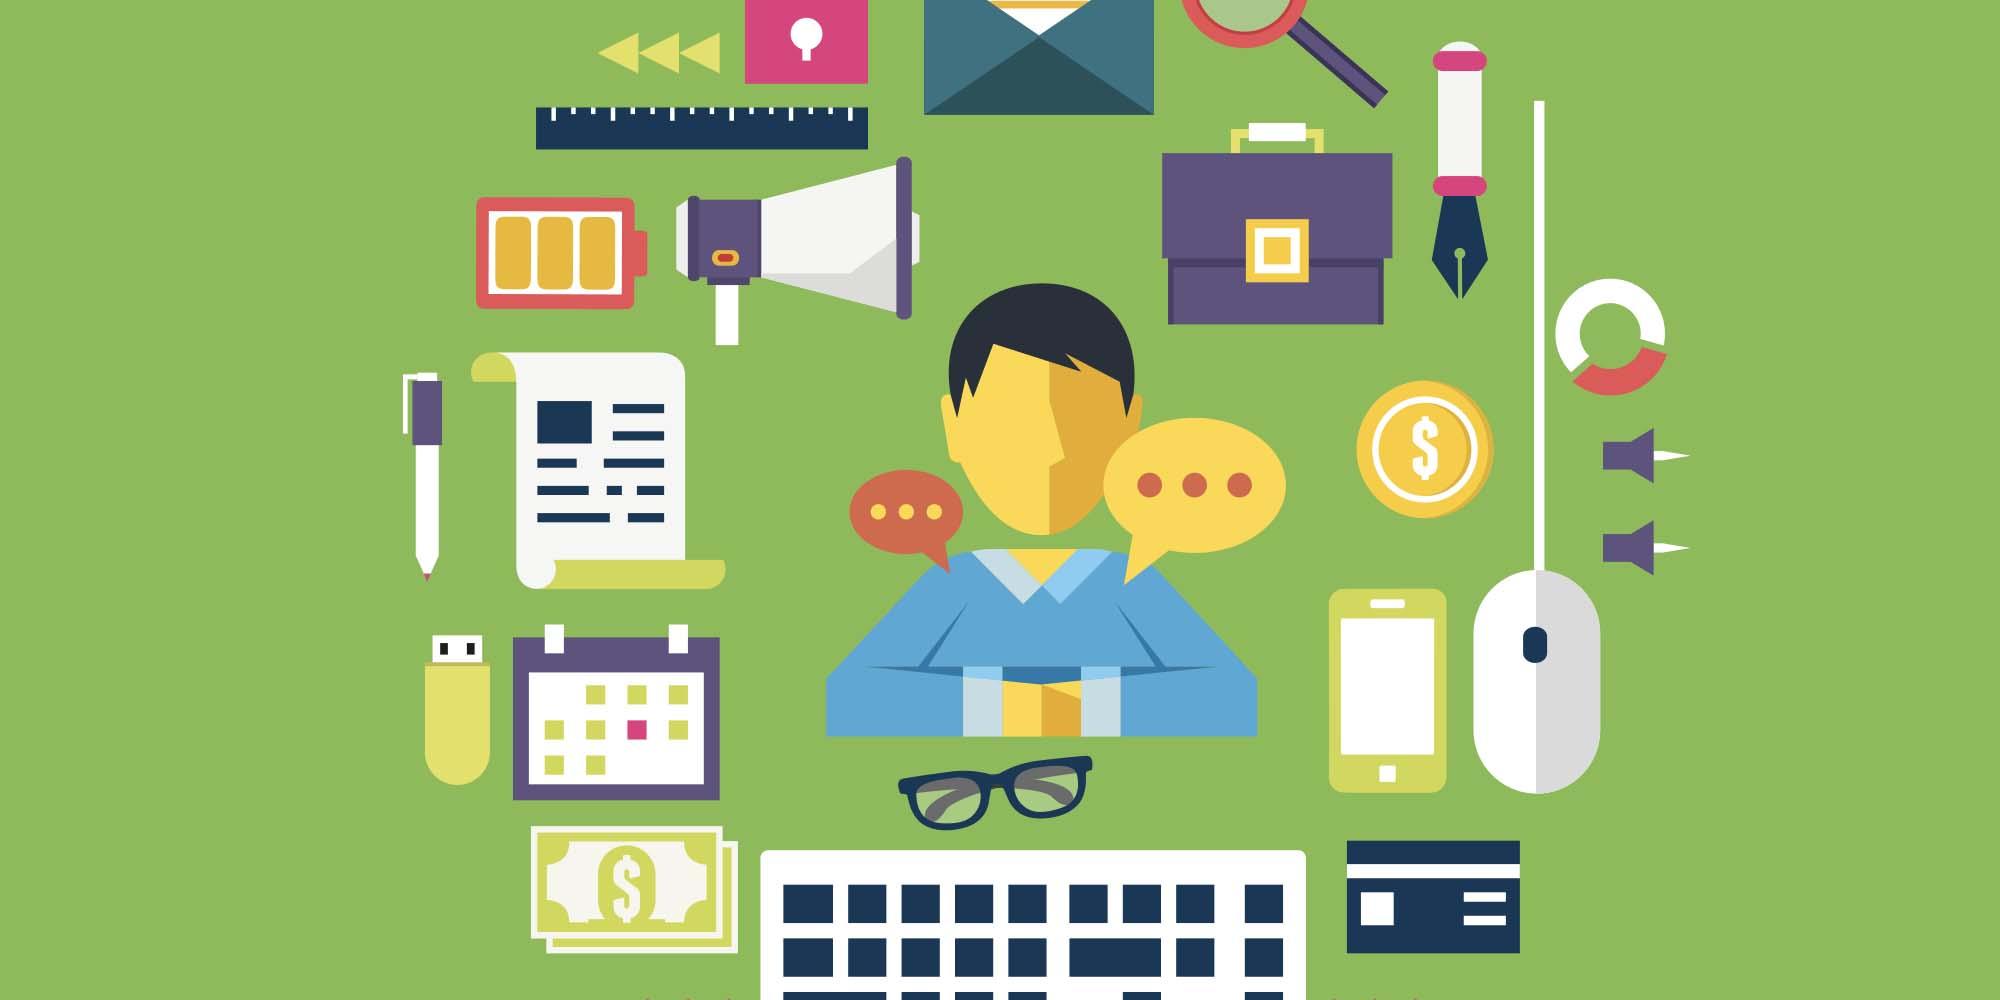 cofinanziati-personale-branding.png